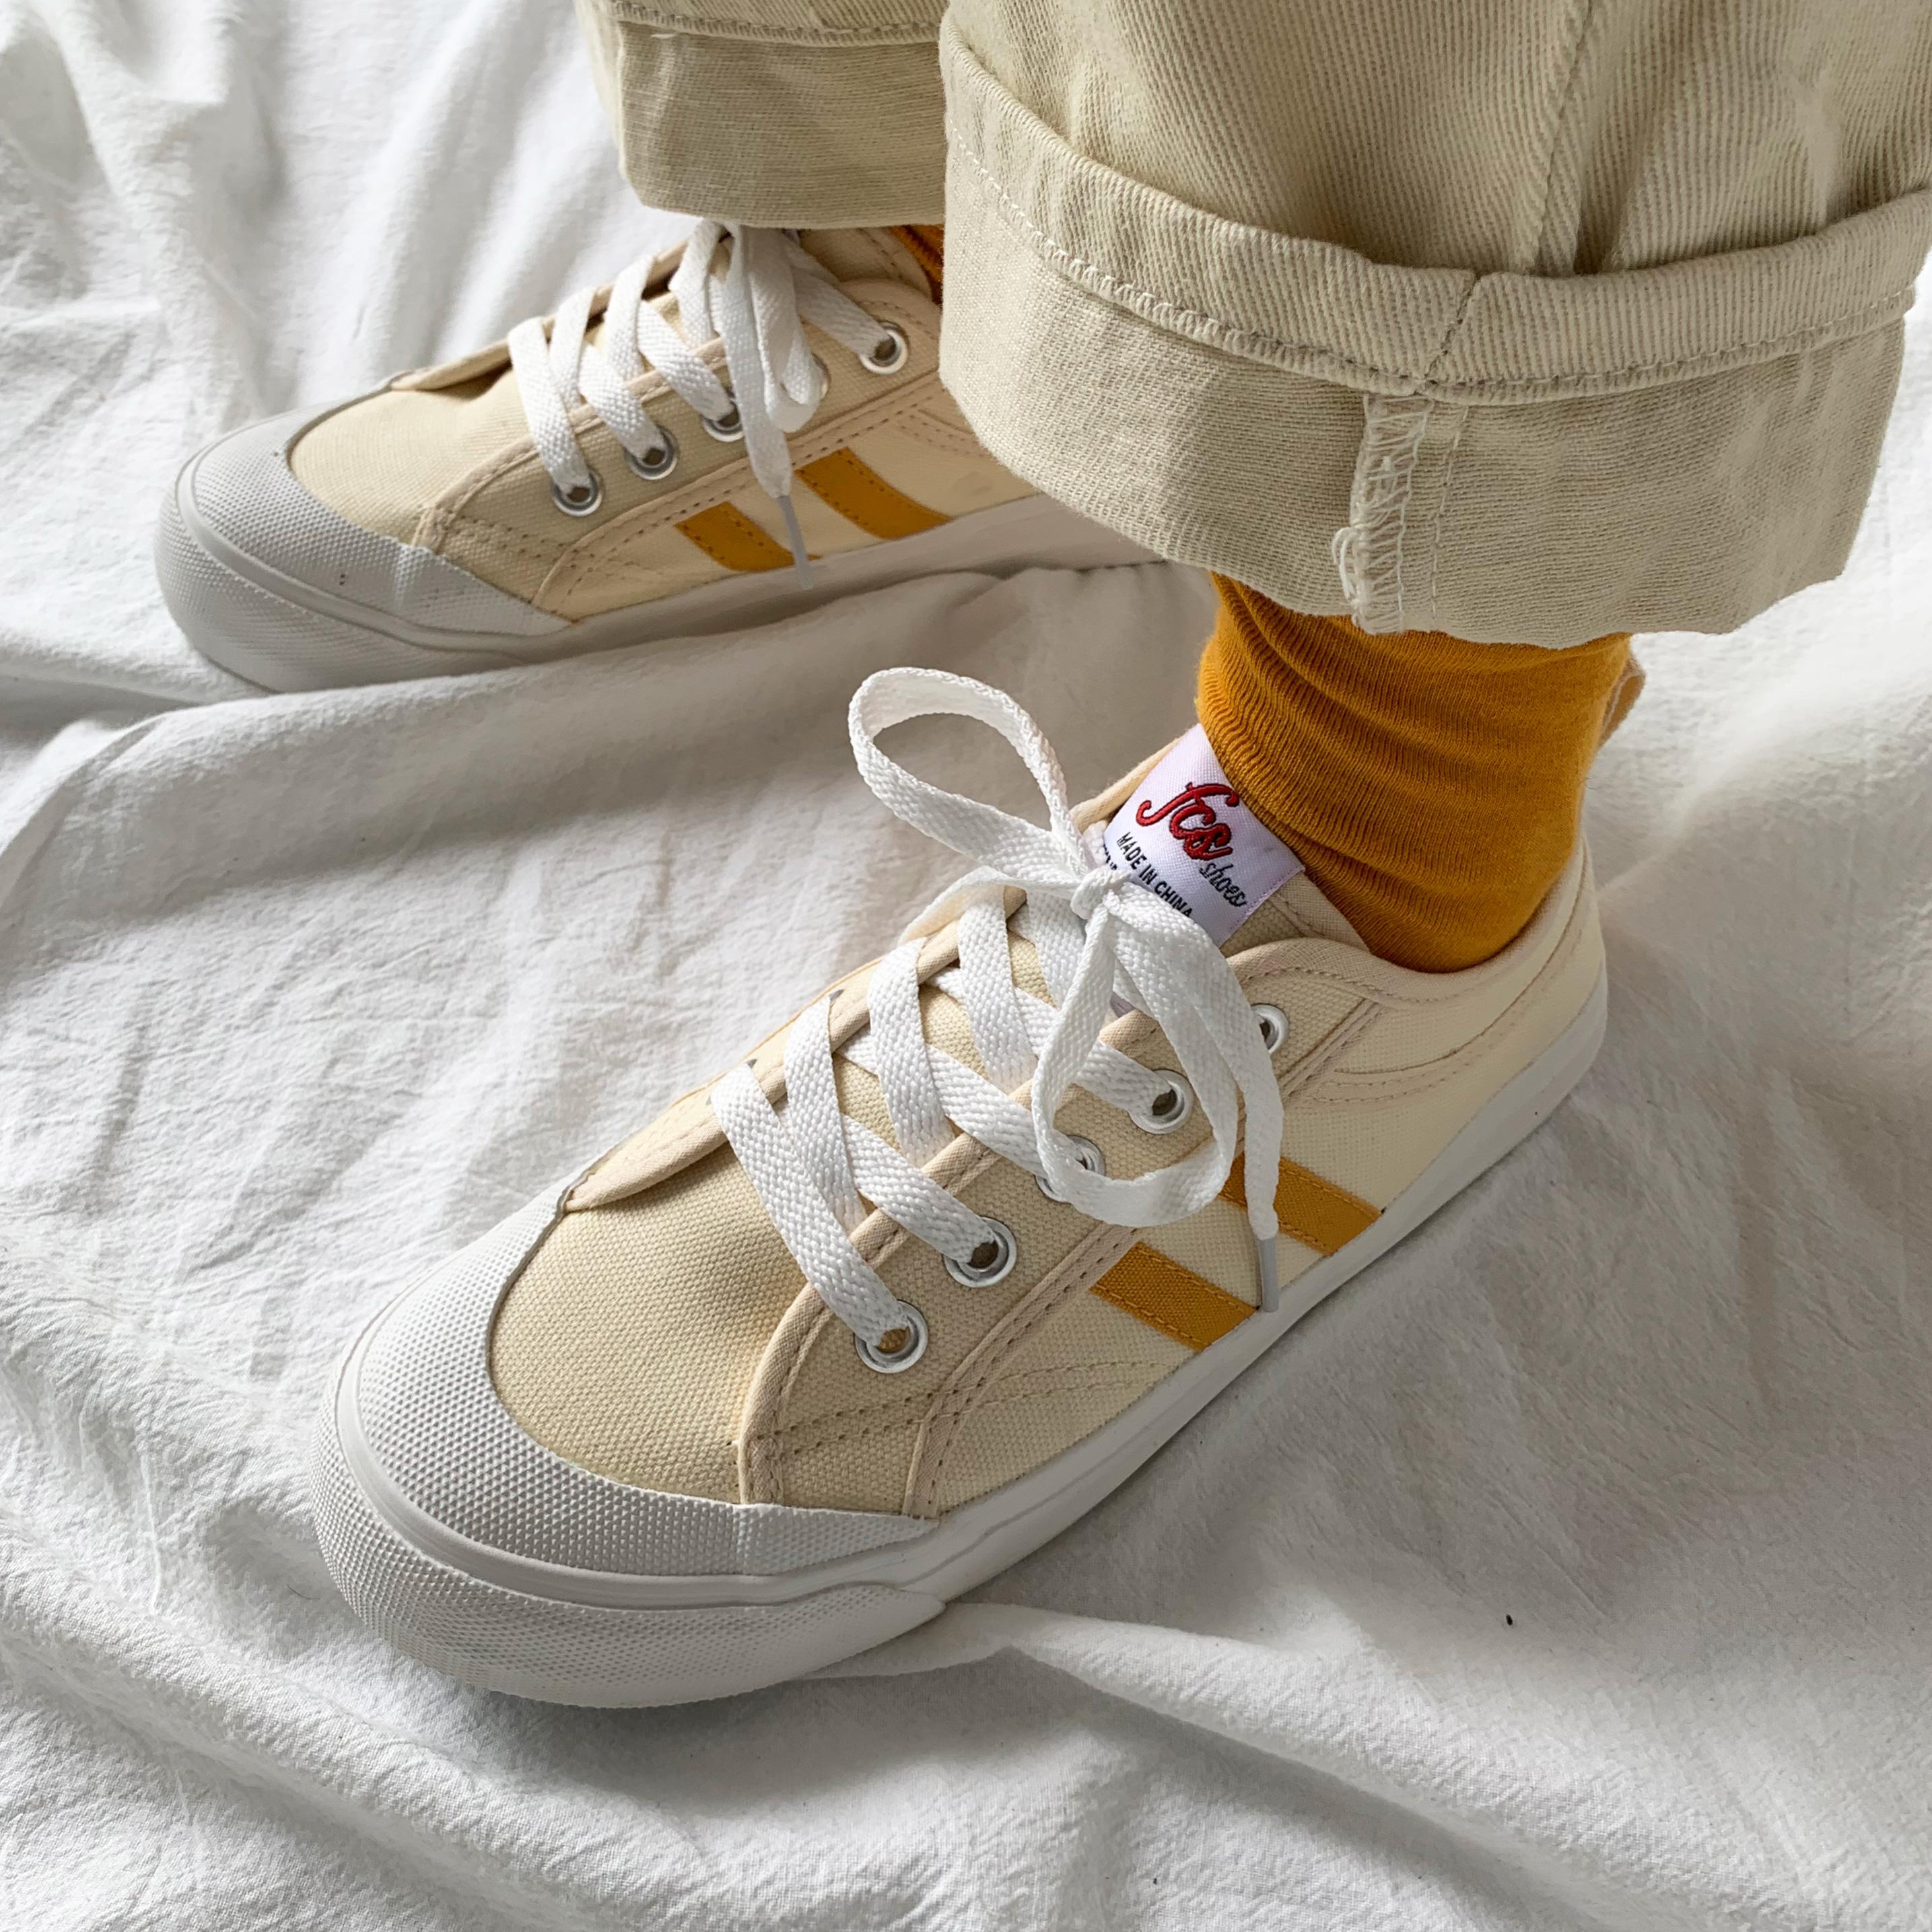 2019新款帆布鞋女夏款小白鞋学生韩版百搭秋款鞋子夏季潮鞋板鞋